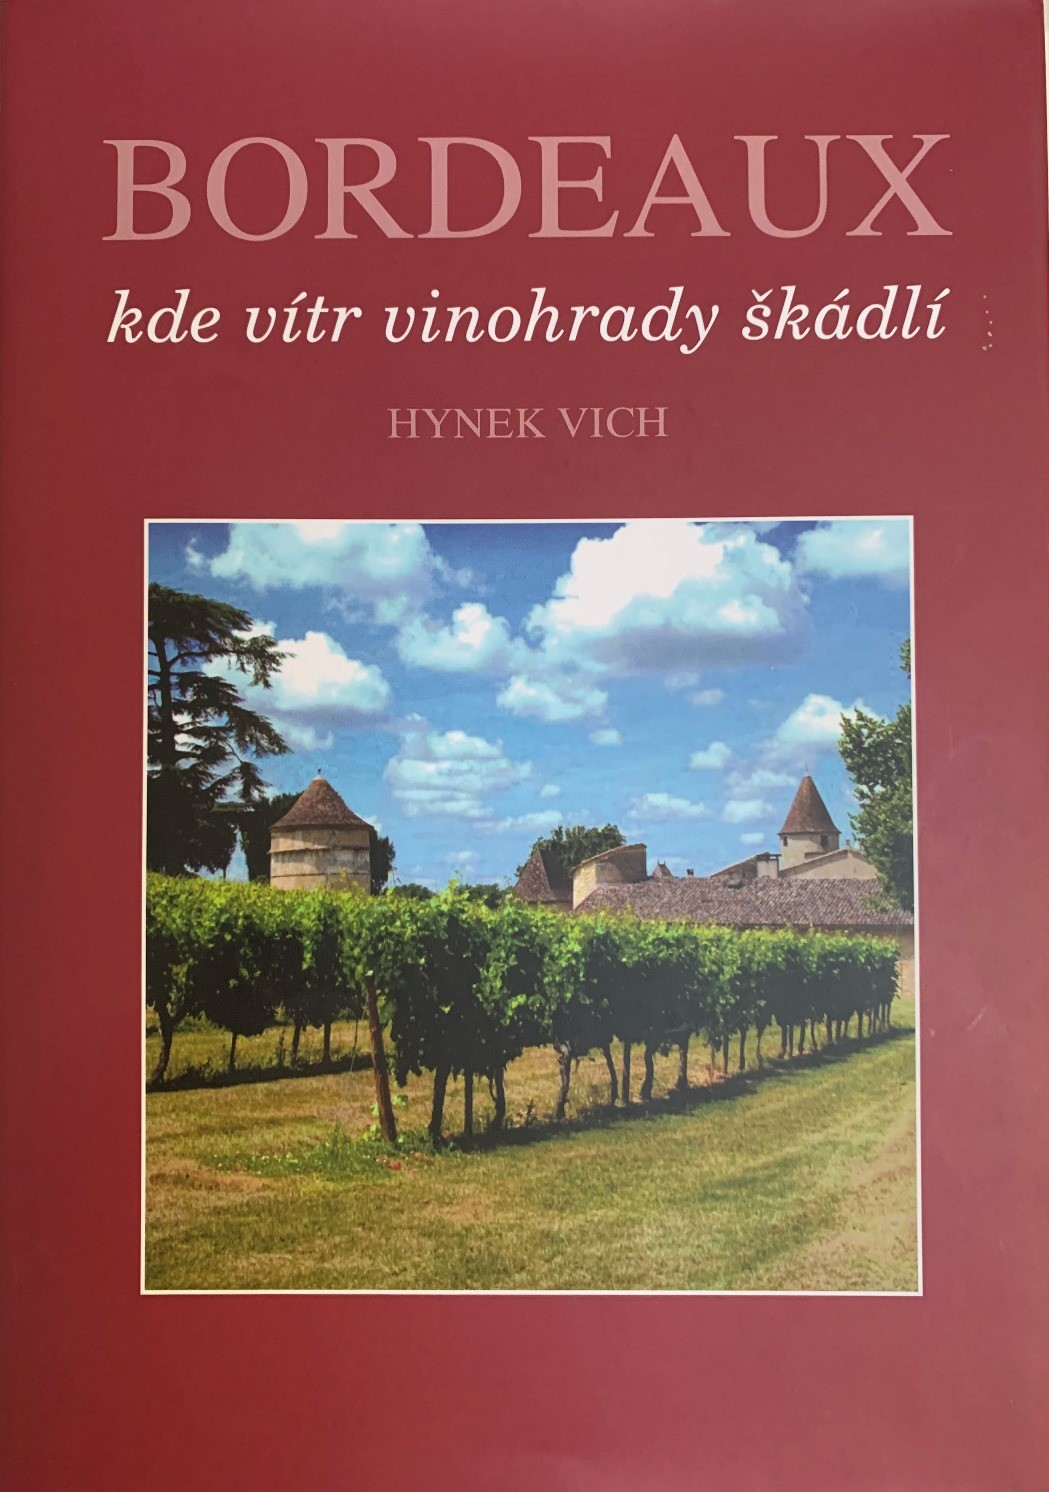 """Kniha BORDEAUX ,,Kde vítr vinohrady škádlí"""", autor Hynek Vich"""